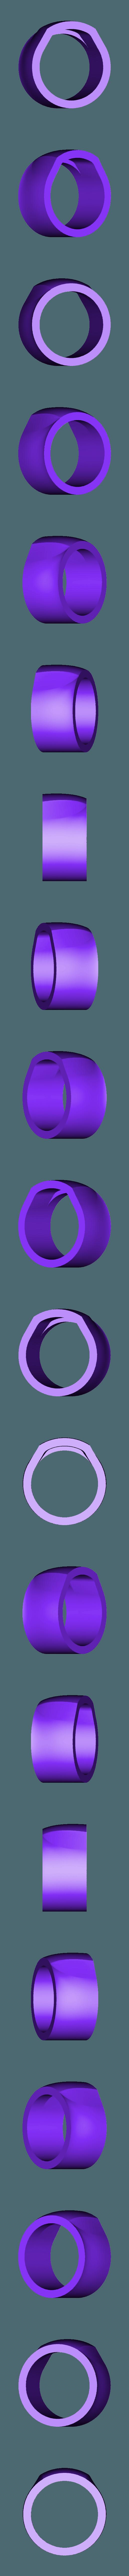 FlyReel_Fishing_Nut_v1-0.STL Télécharger fichier STL gratuit Poteaux de pêche • Objet pour impression 3D, WalterHsiao